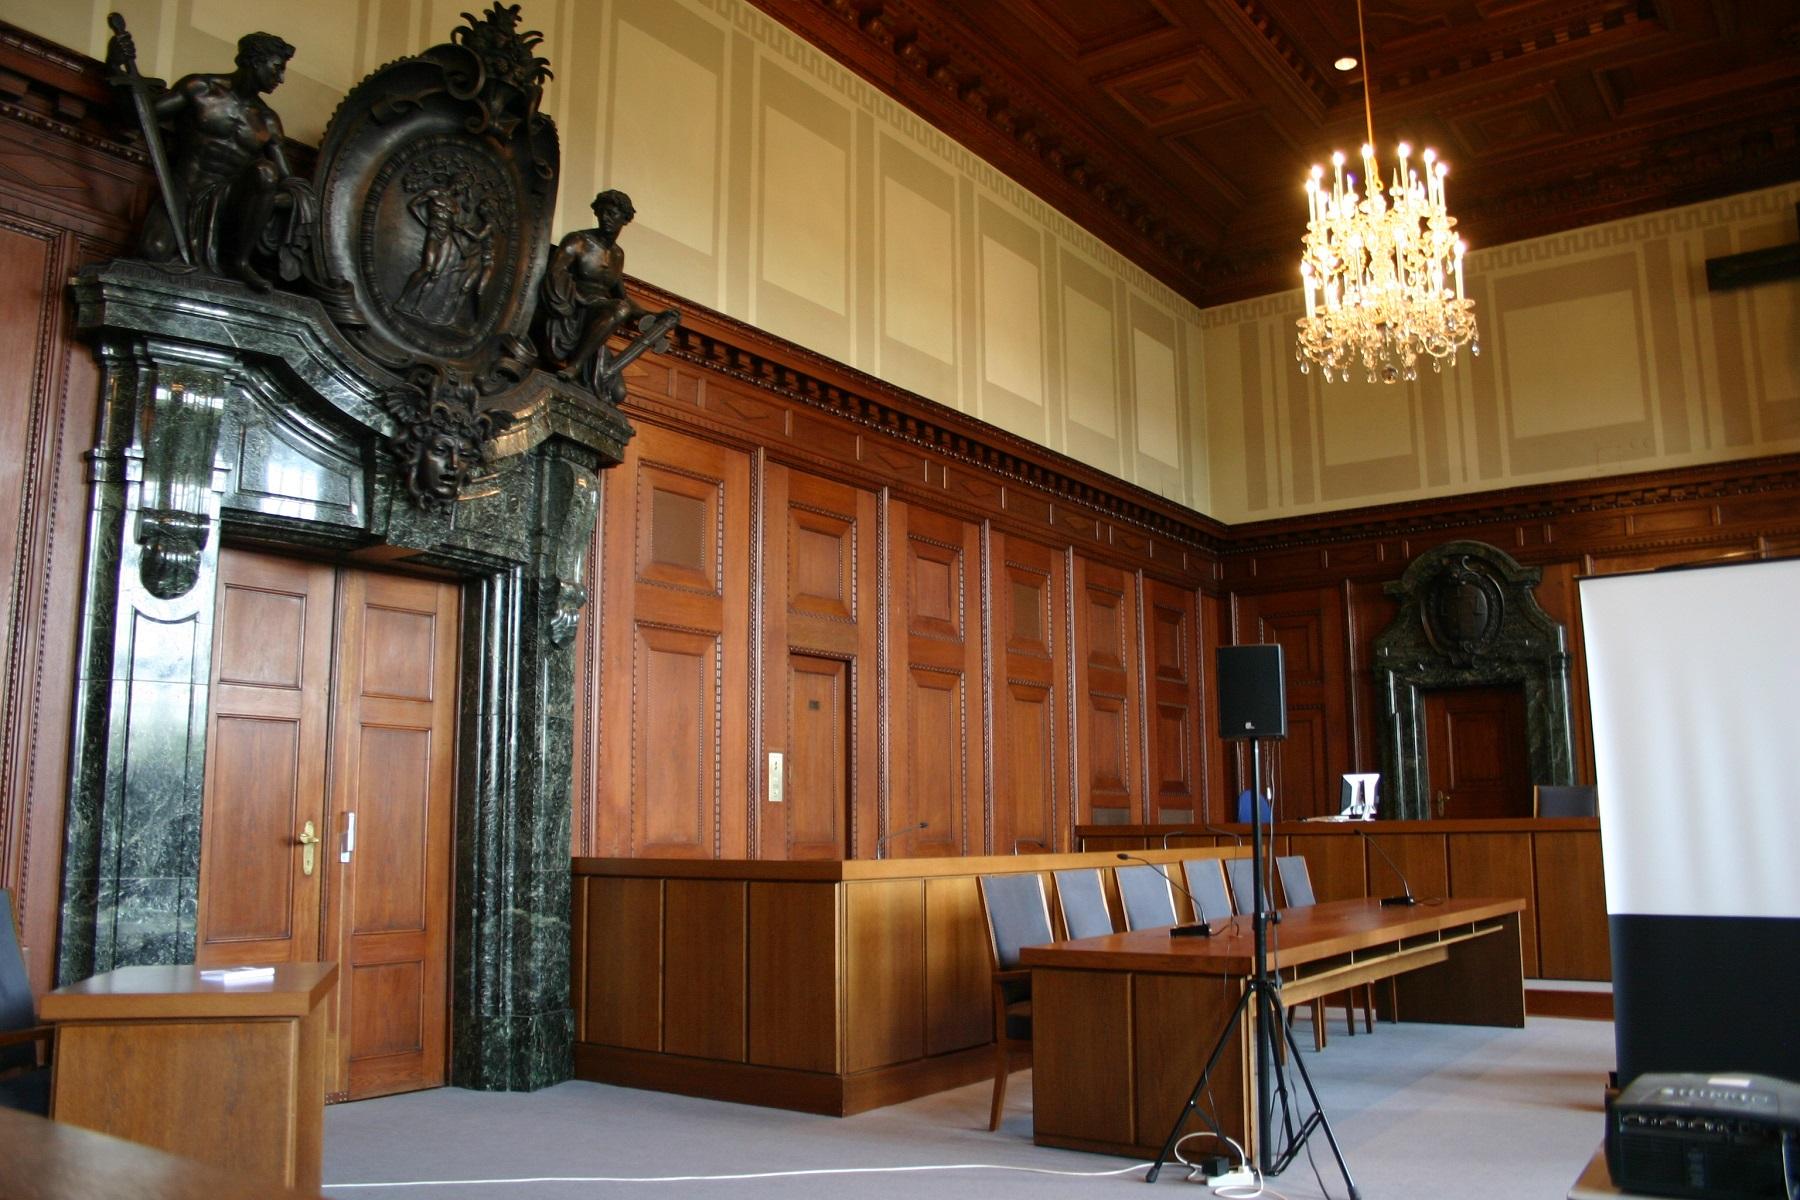 Justizpalast, Nürnberg